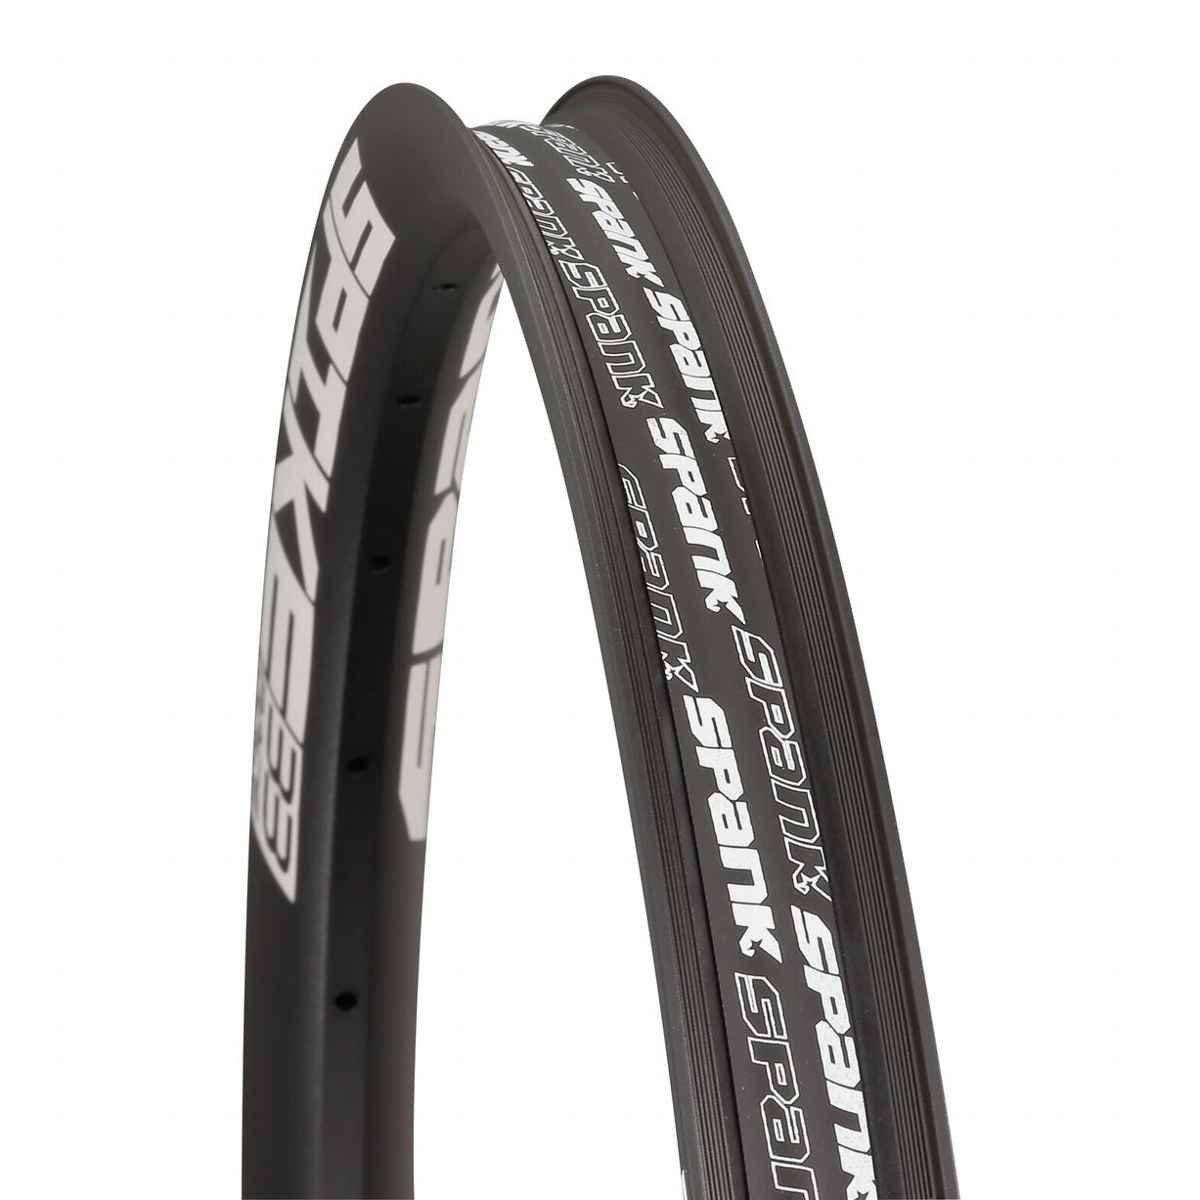 Spank sp-rim-0165-black Llanta de Bicicleta Unisex, Negro: Amazon.es: Deportes y aire libre